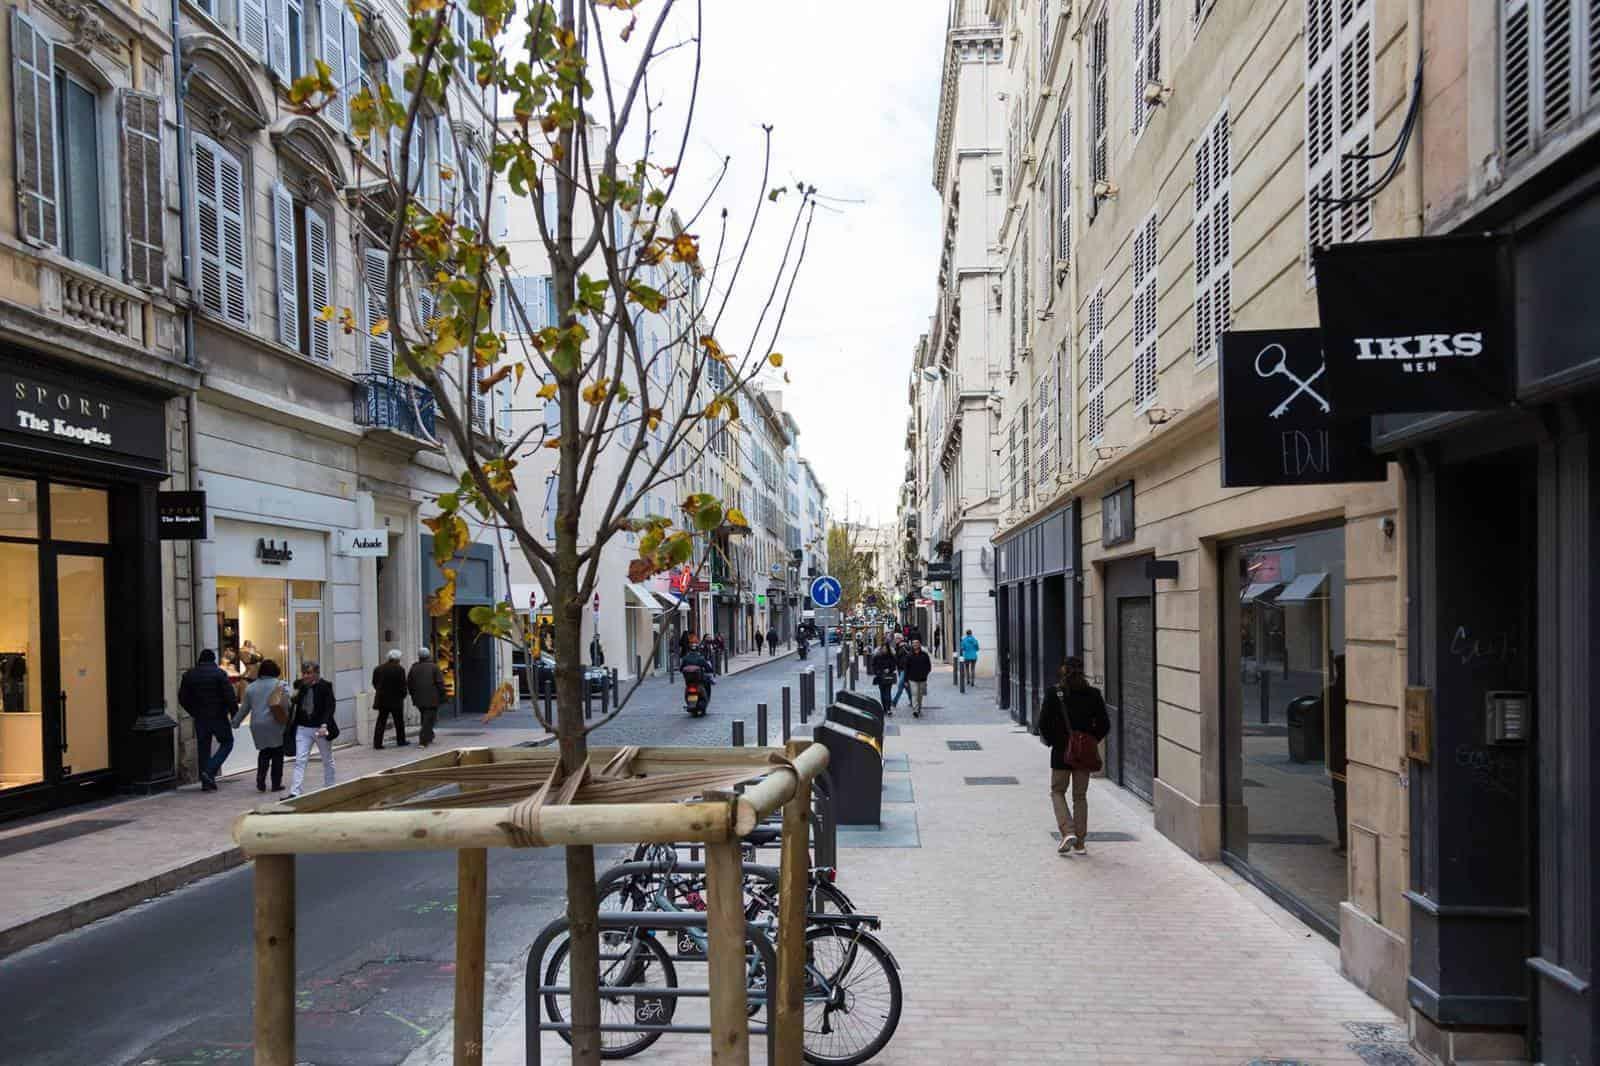 d couvrez en images la nouvelle rue paradis r nov e made in marseille. Black Bedroom Furniture Sets. Home Design Ideas